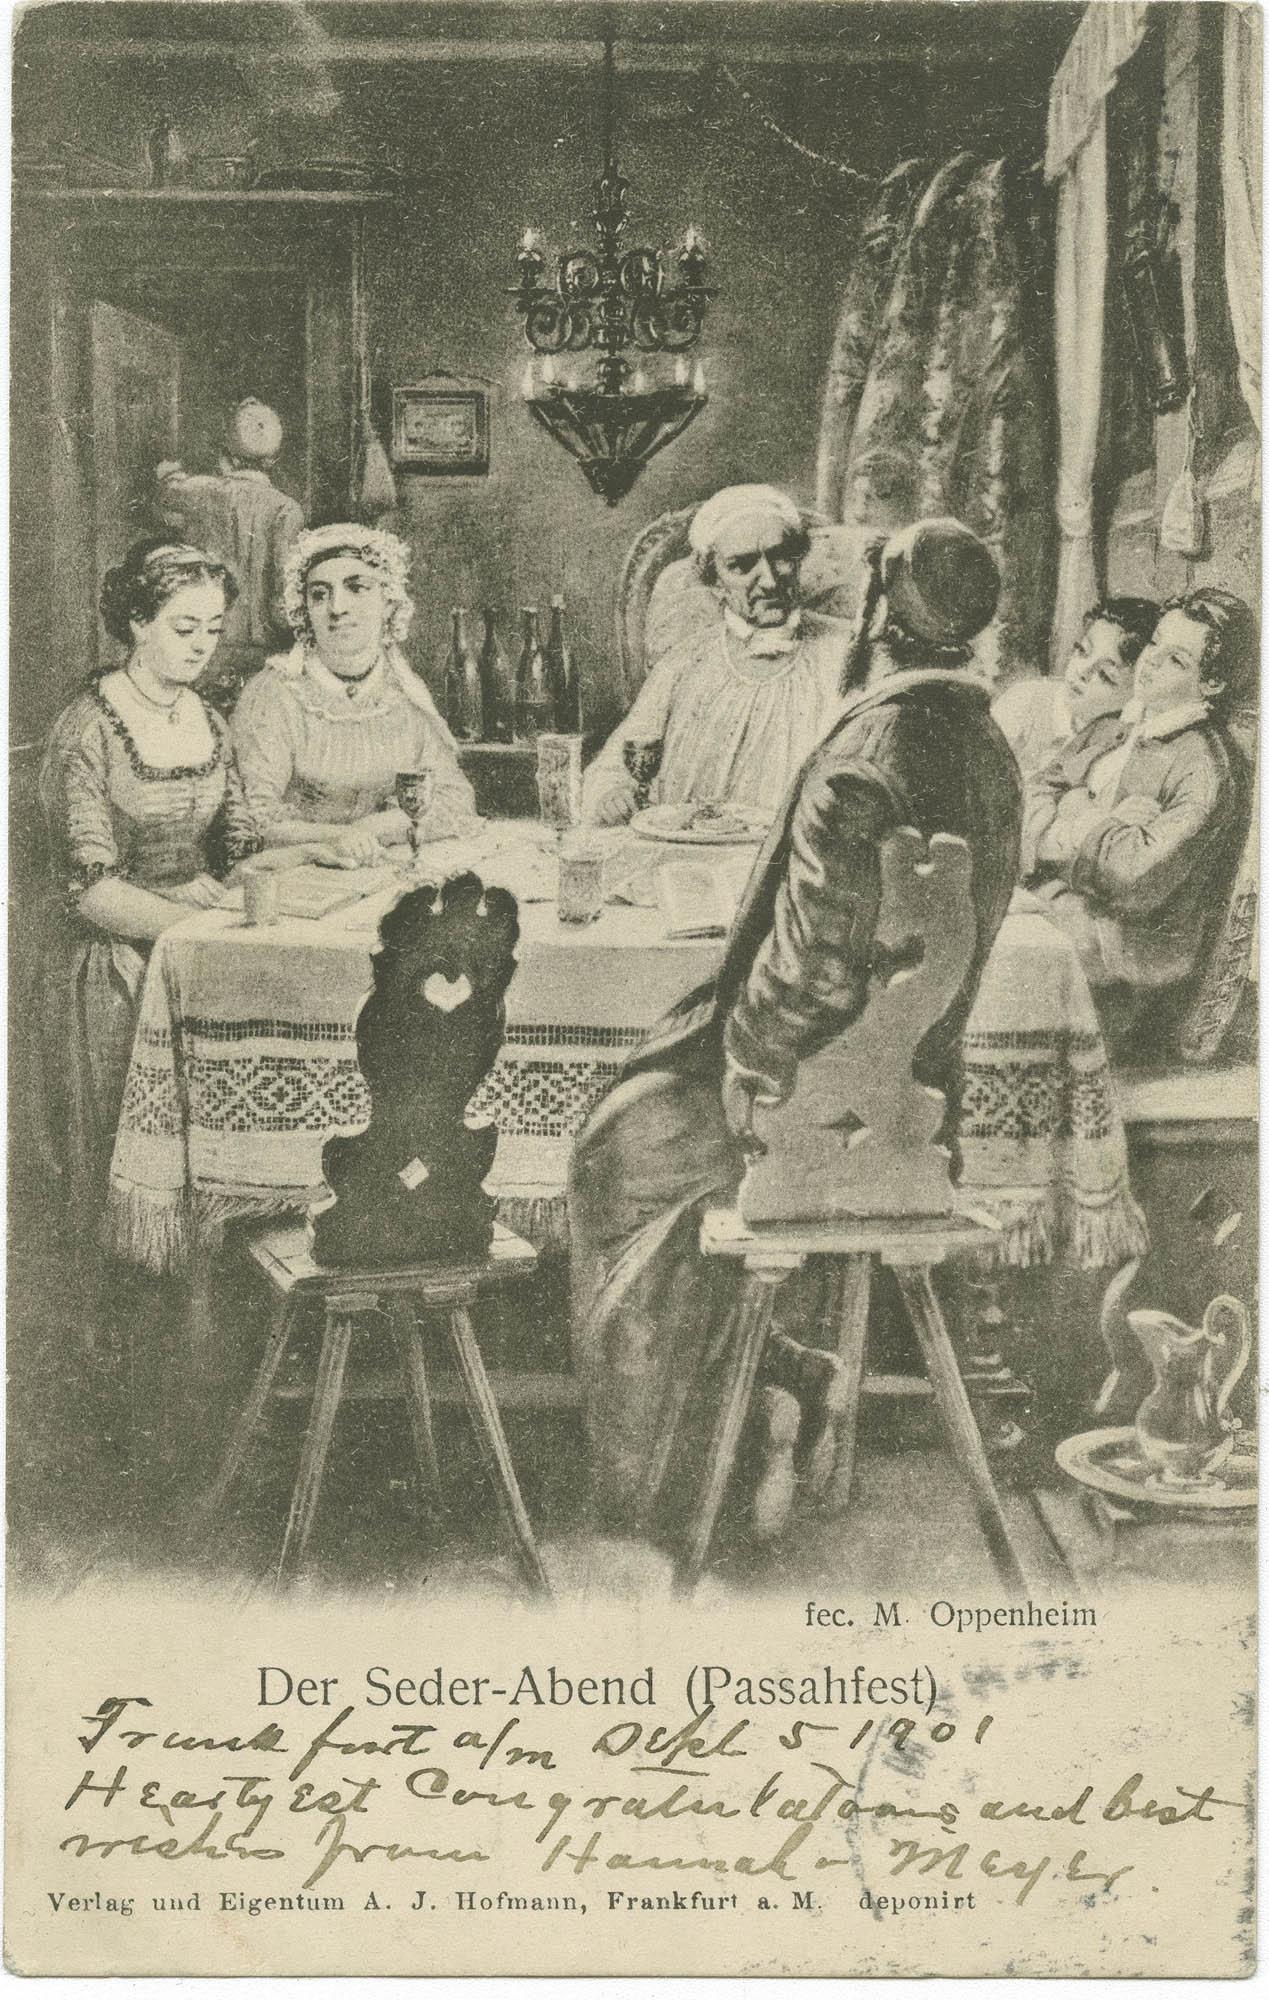 Der Seder-Abend (Passahfest)